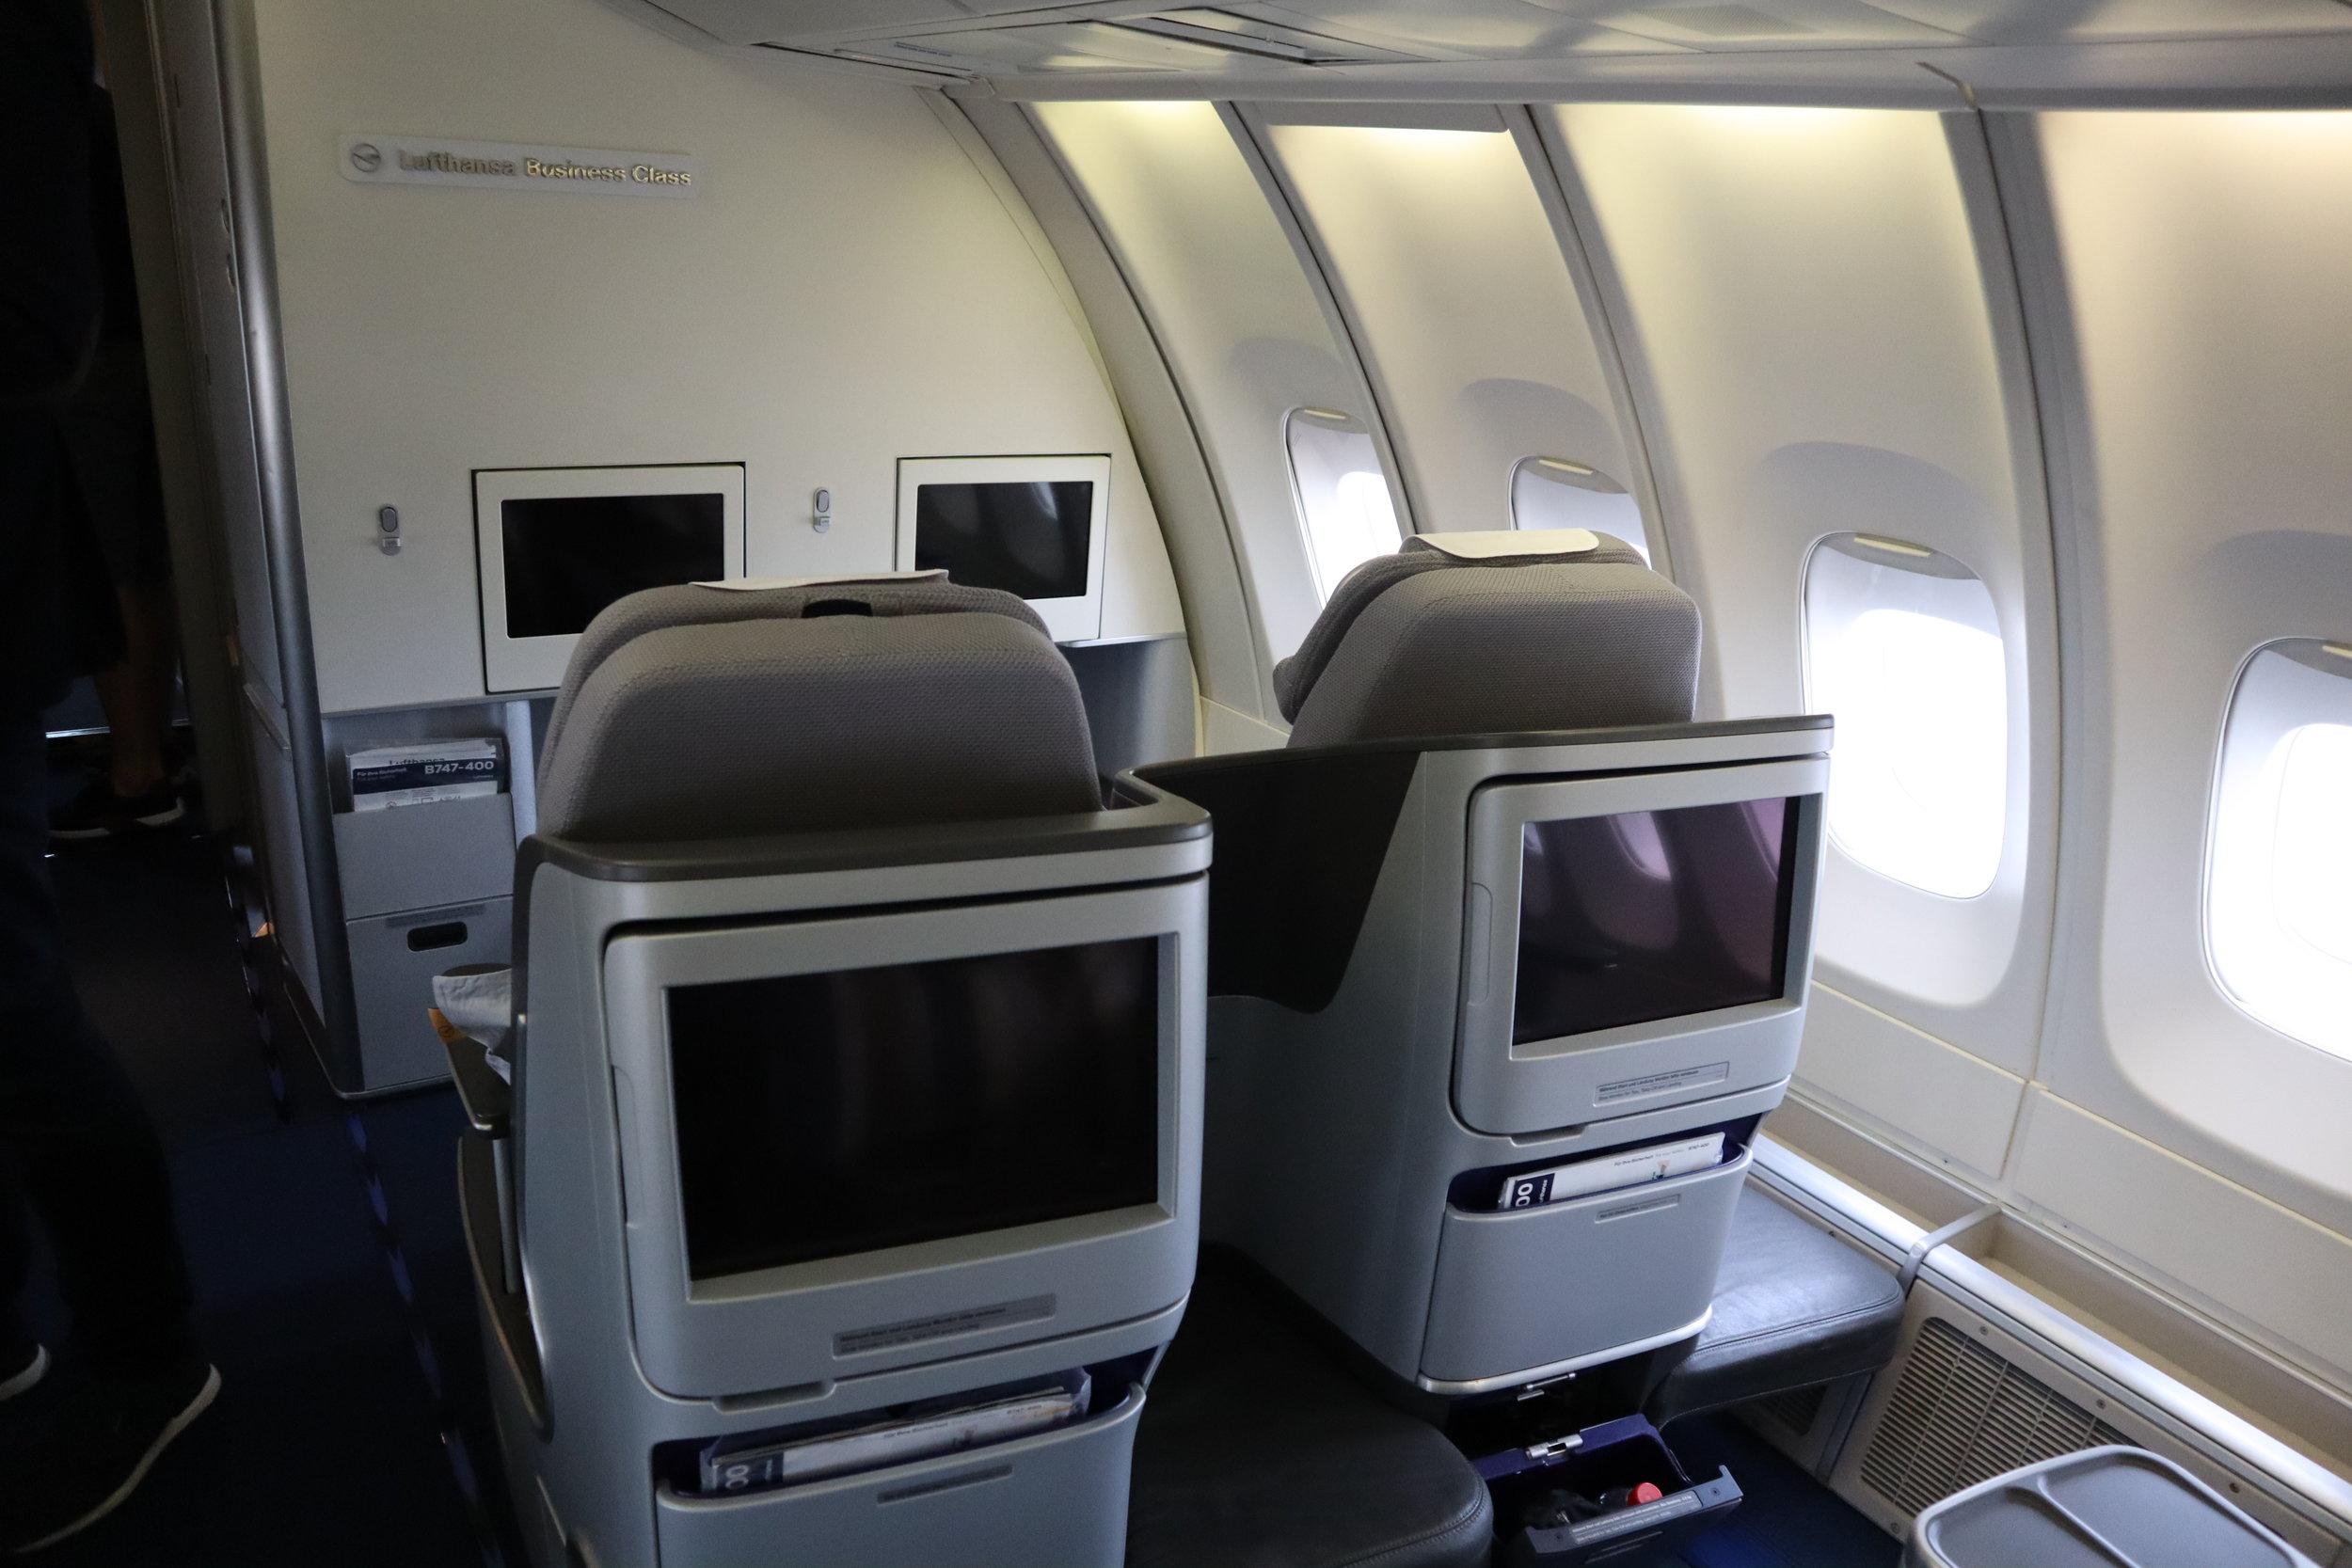 Lufthansa 747-400 business class – Upper deck cabin